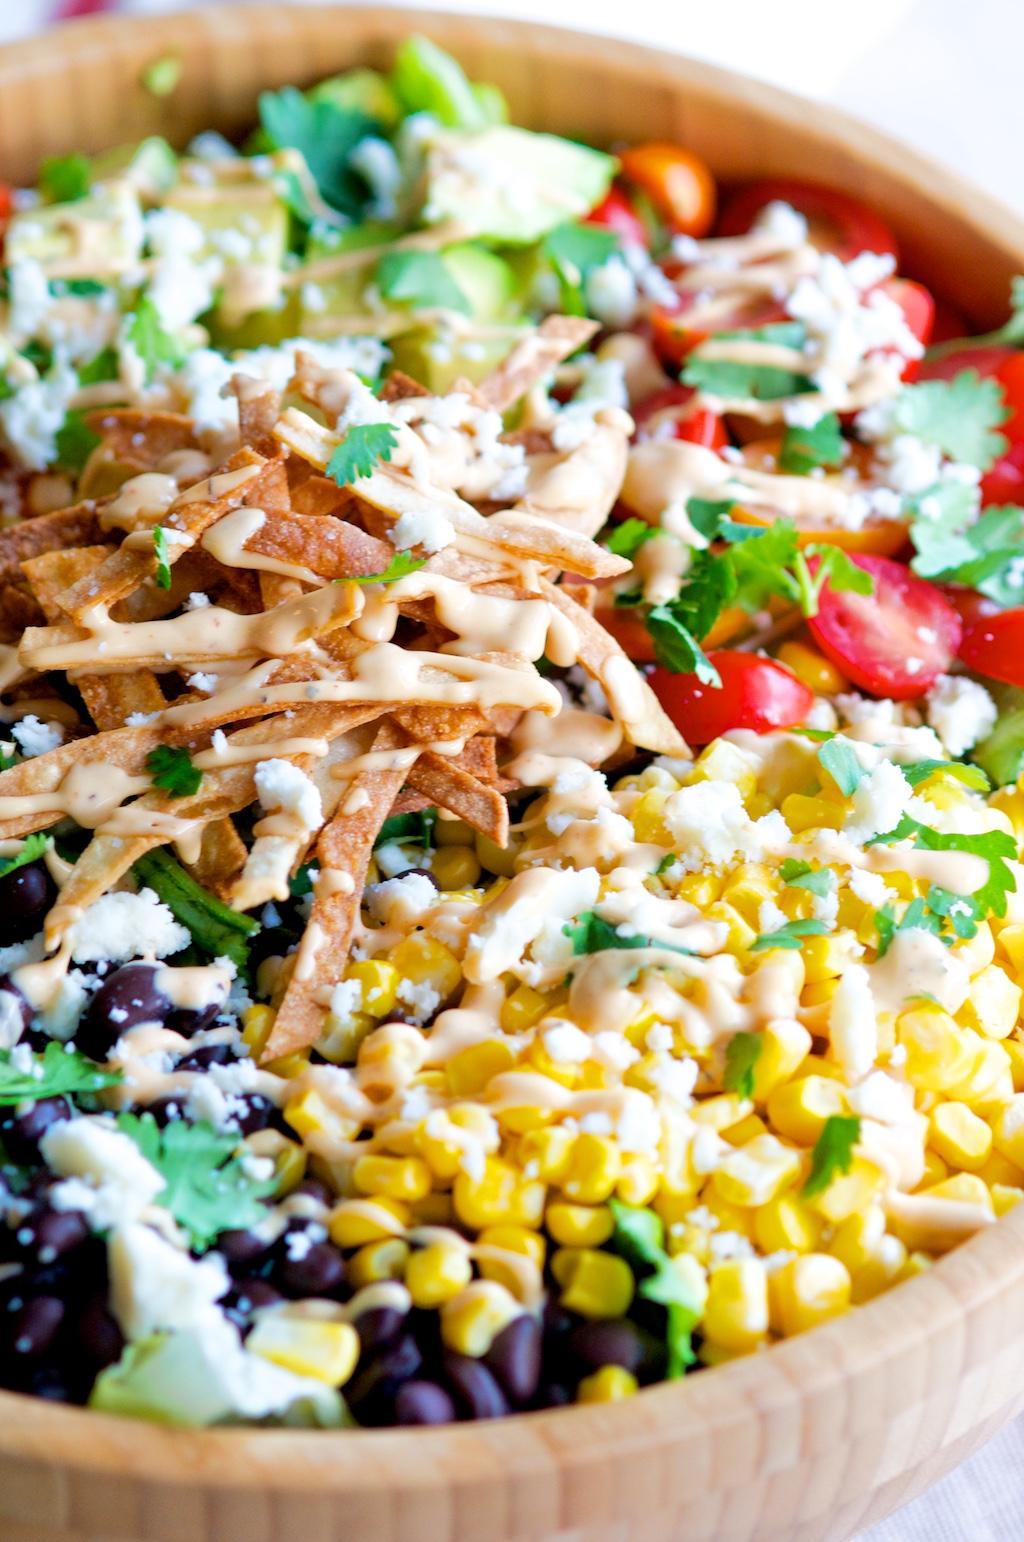 Southwest Chipotle Salad